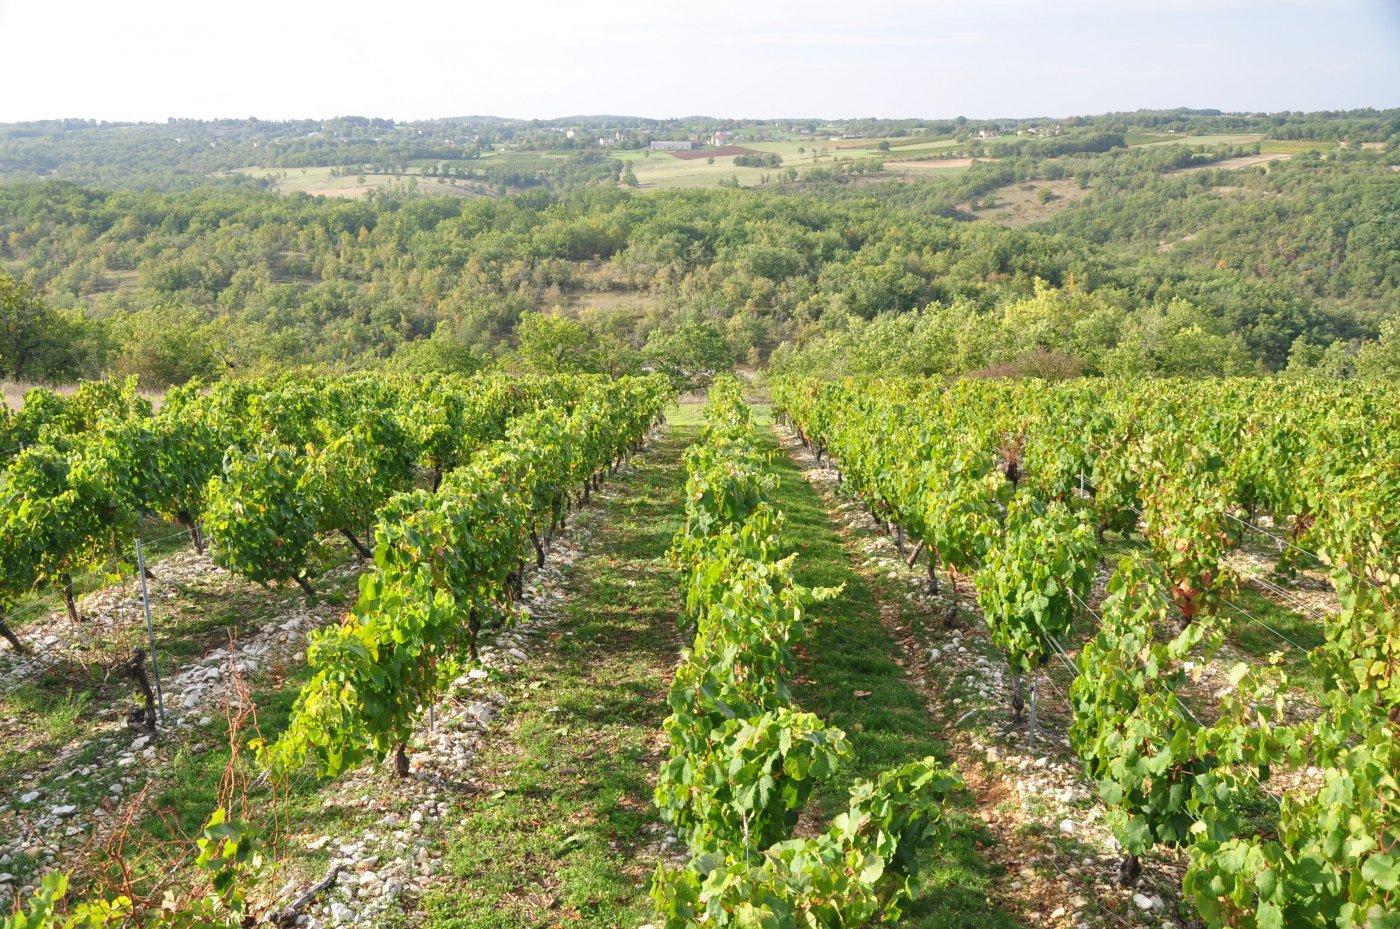 roques-de-cana-des-vignes-epanouies-a-origine-de-vins-frais-et-mineraux